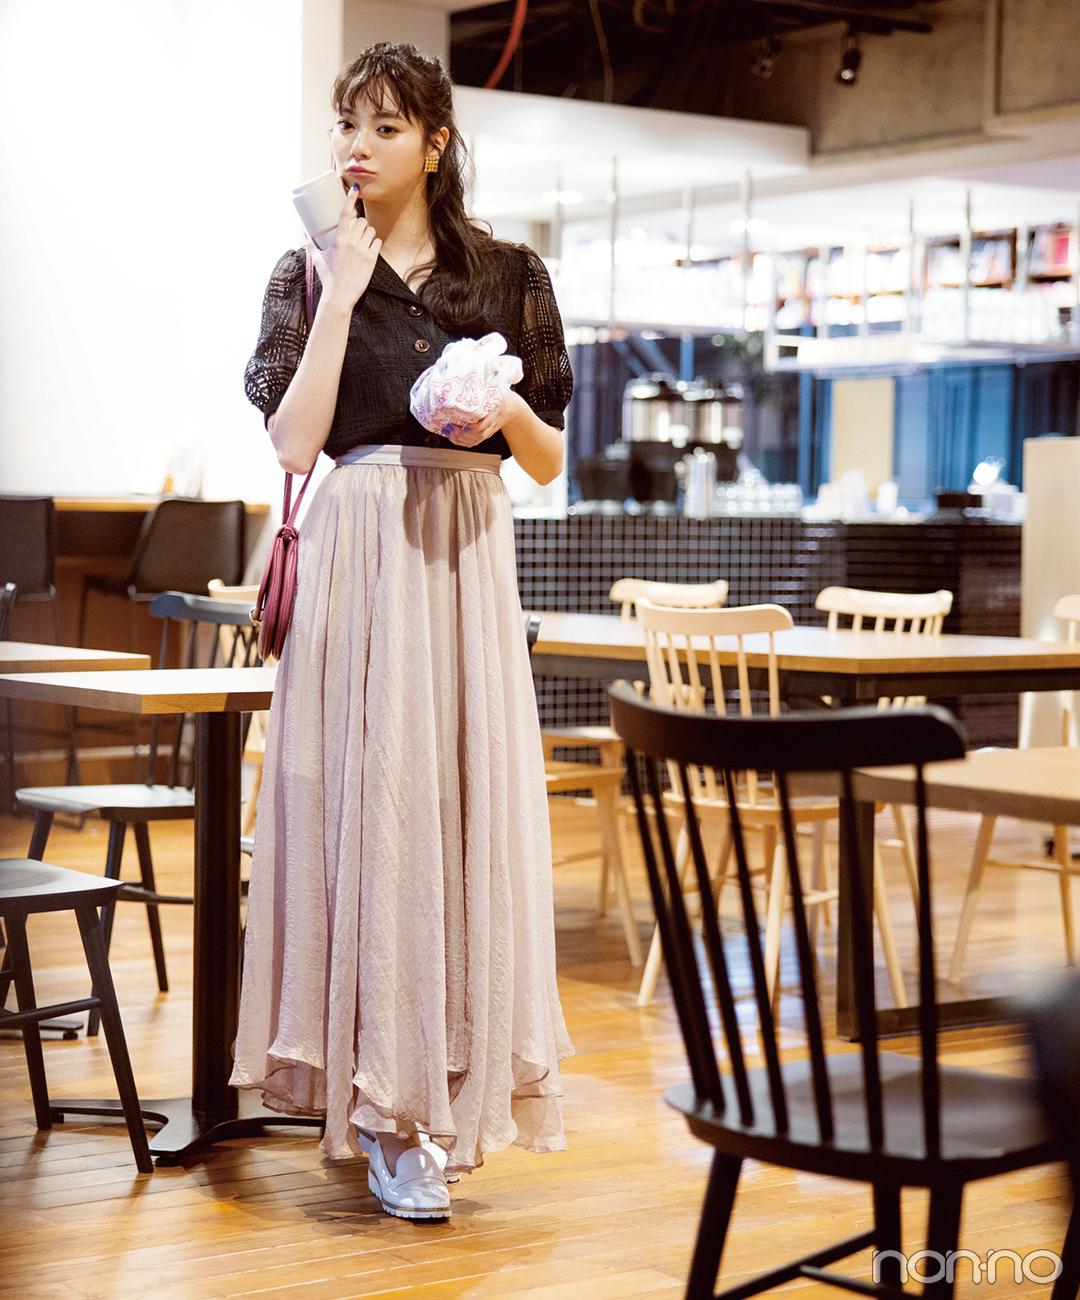 新川優愛はトレンドの透けアイテムをくすみピンクで大人っぽく【毎日コーデ】_1_1